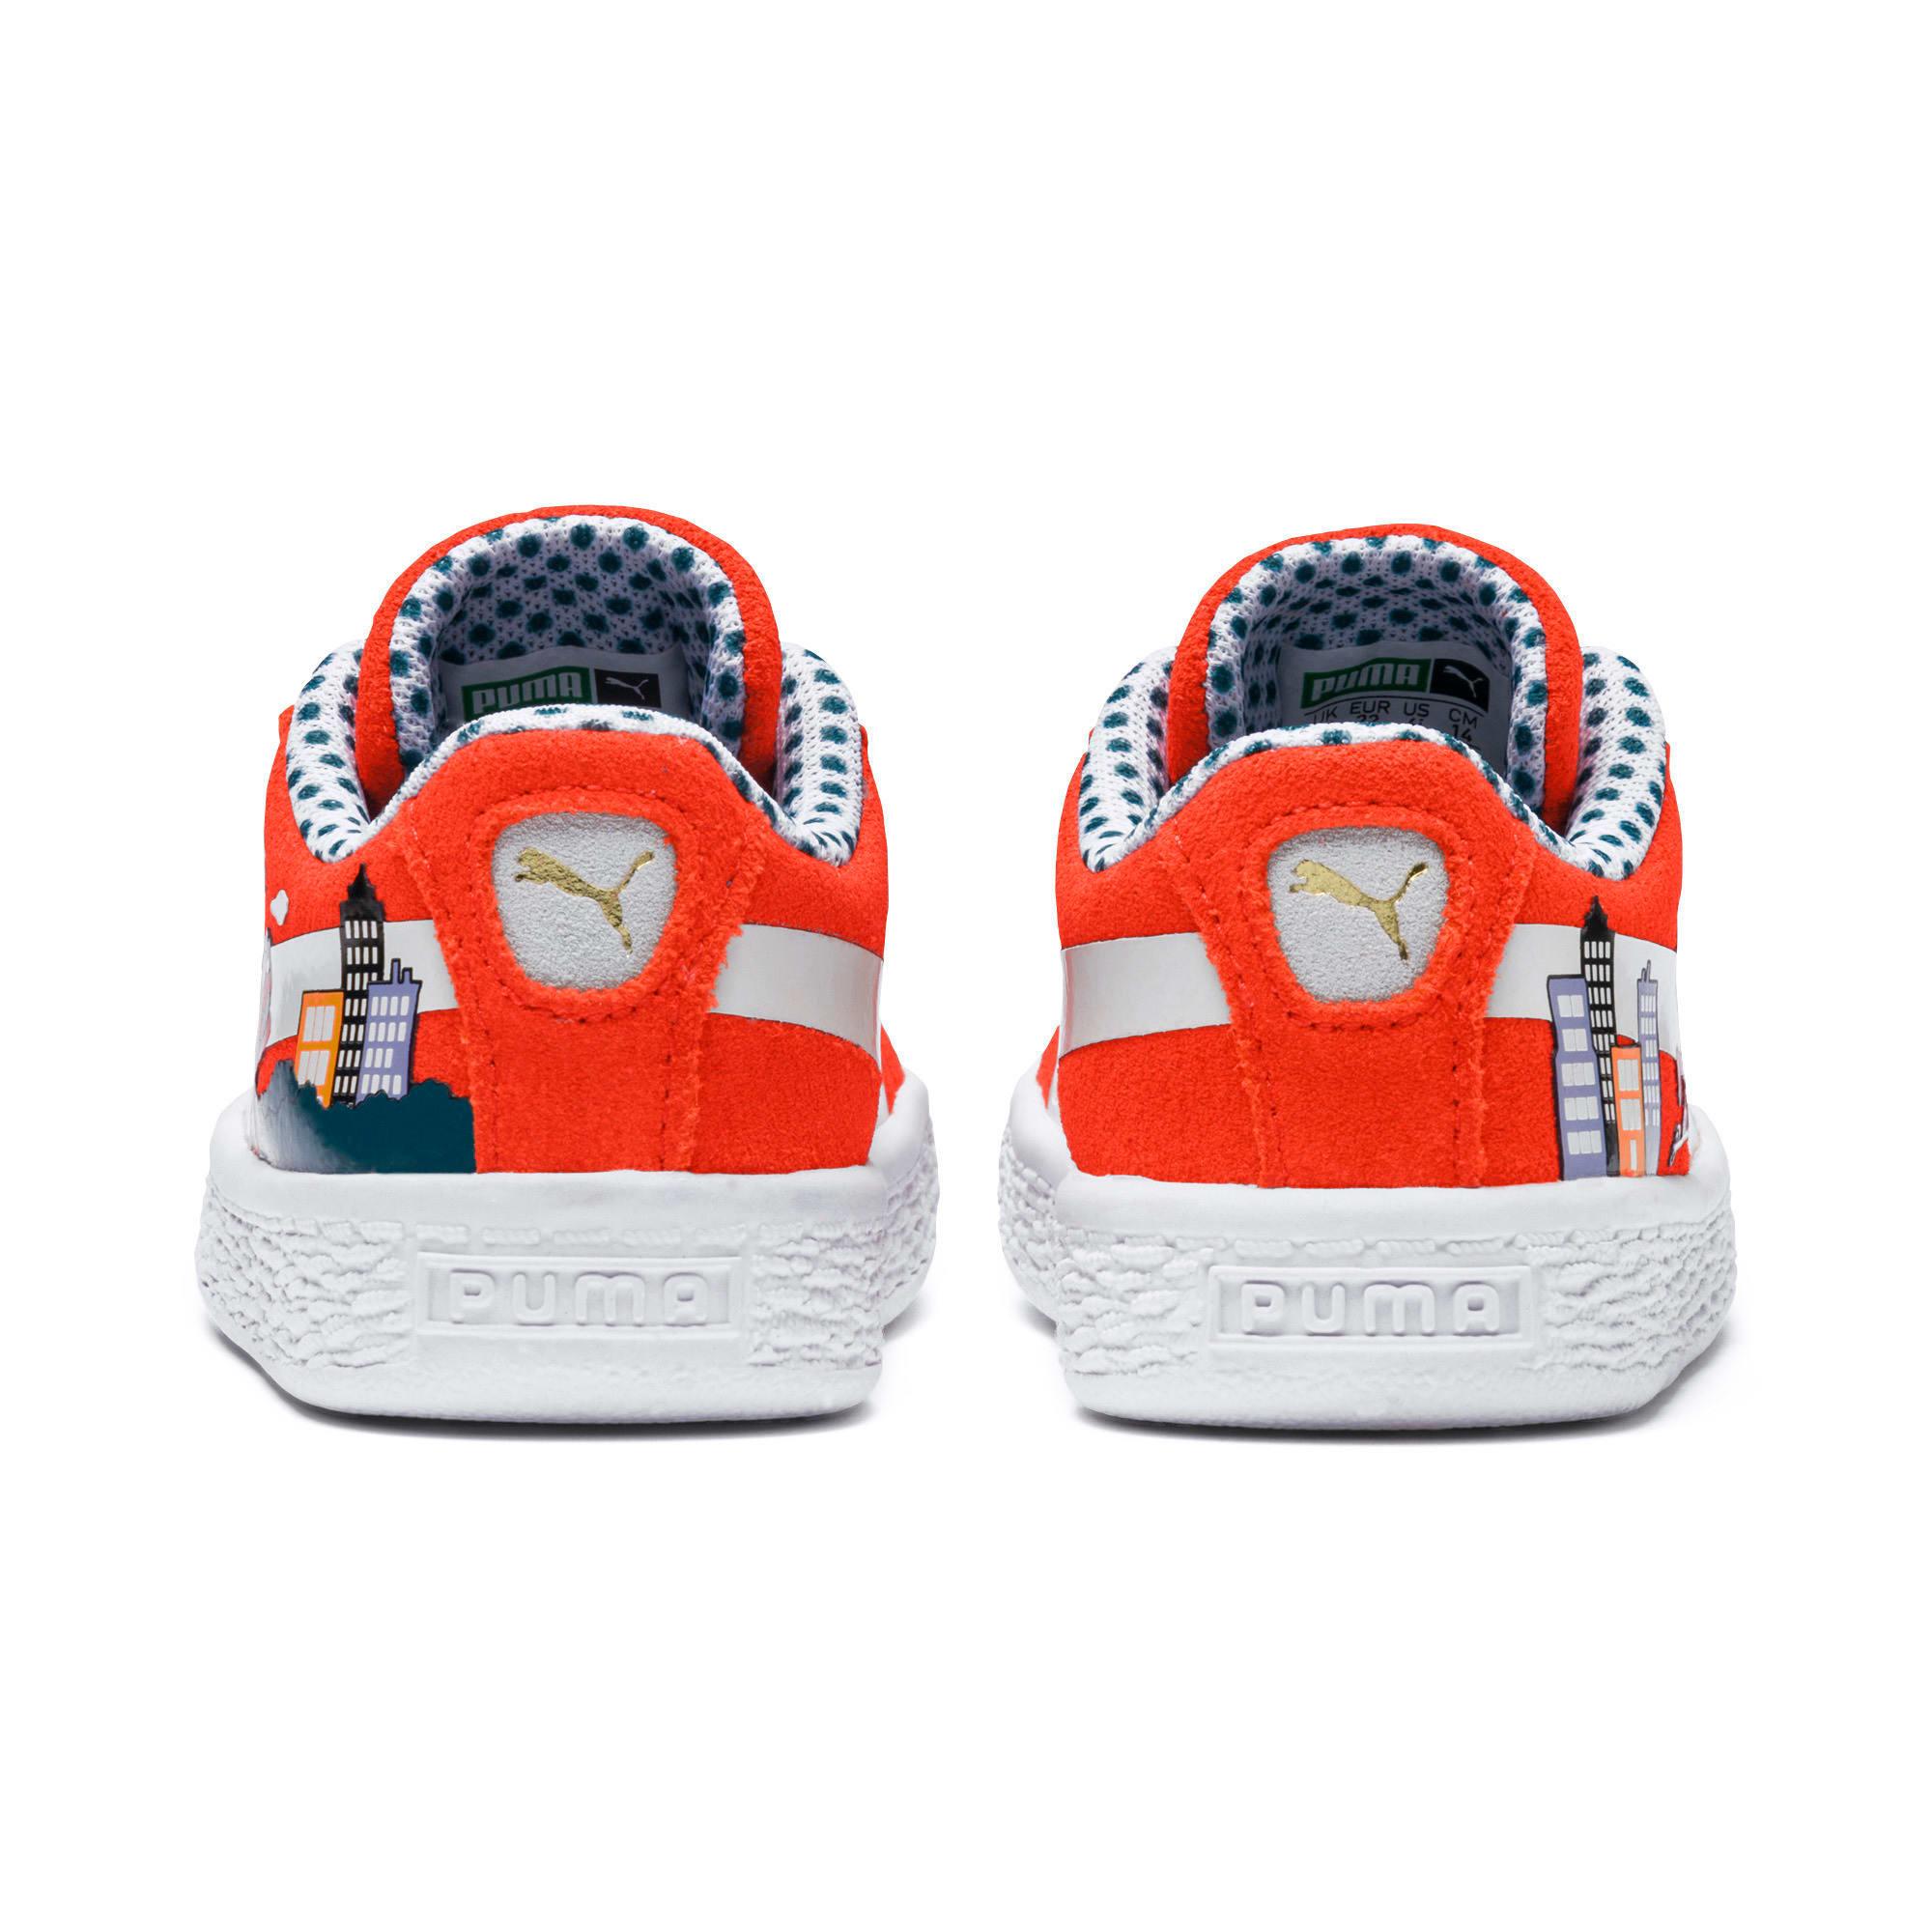 Thumbnail 3 of Sesame Street 50 Suede Toddler Shoes, Cherry Tomato-Puma White, medium